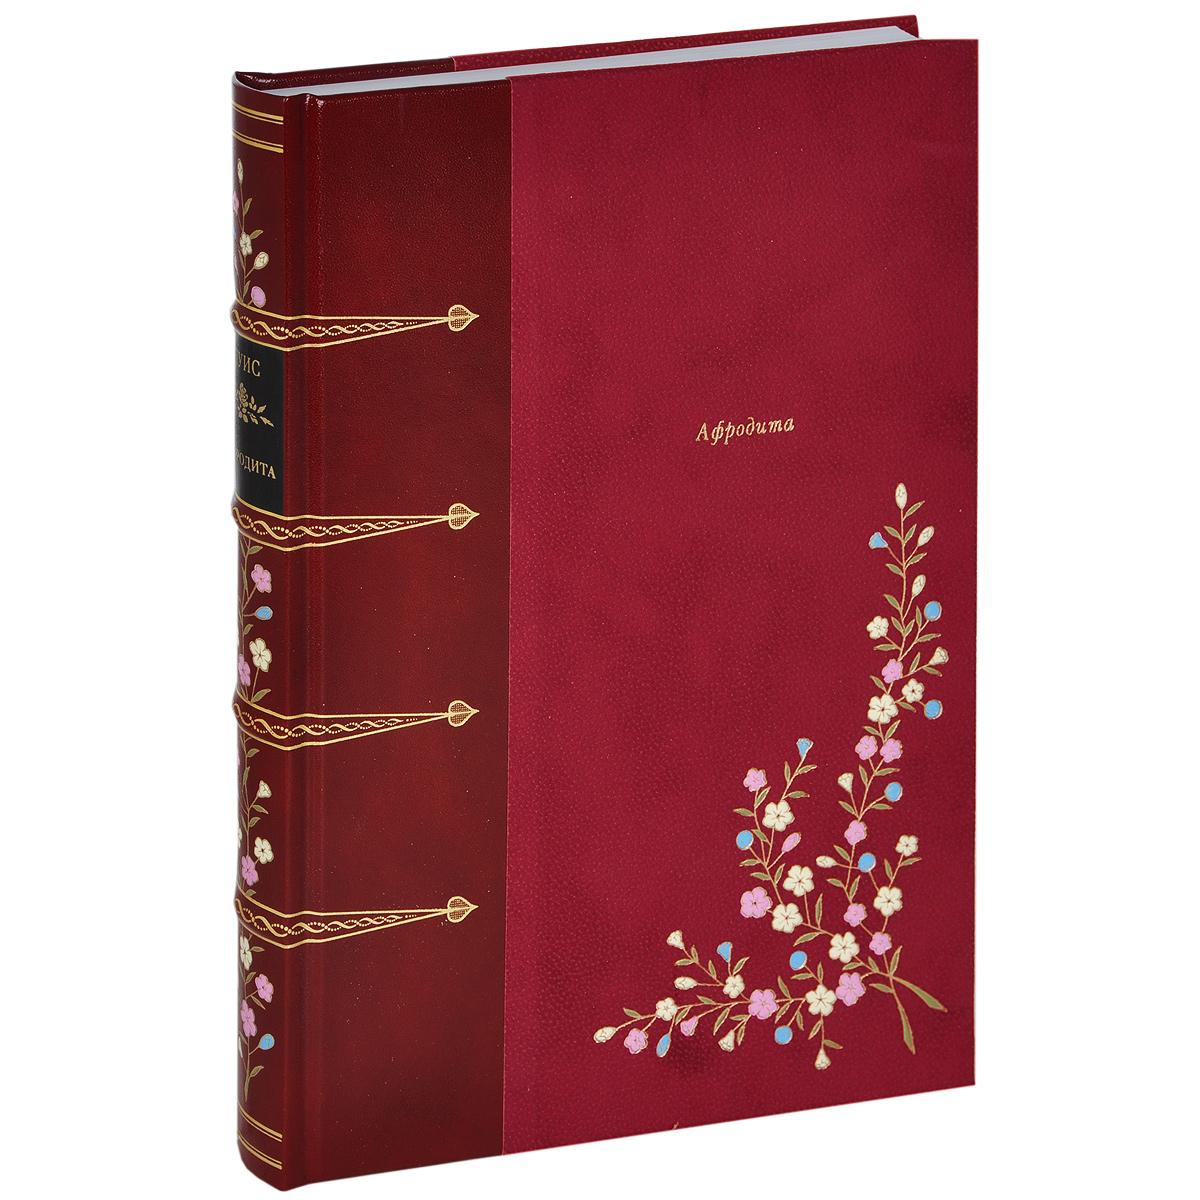 Пьер Луис Афродита (подарочное издание)